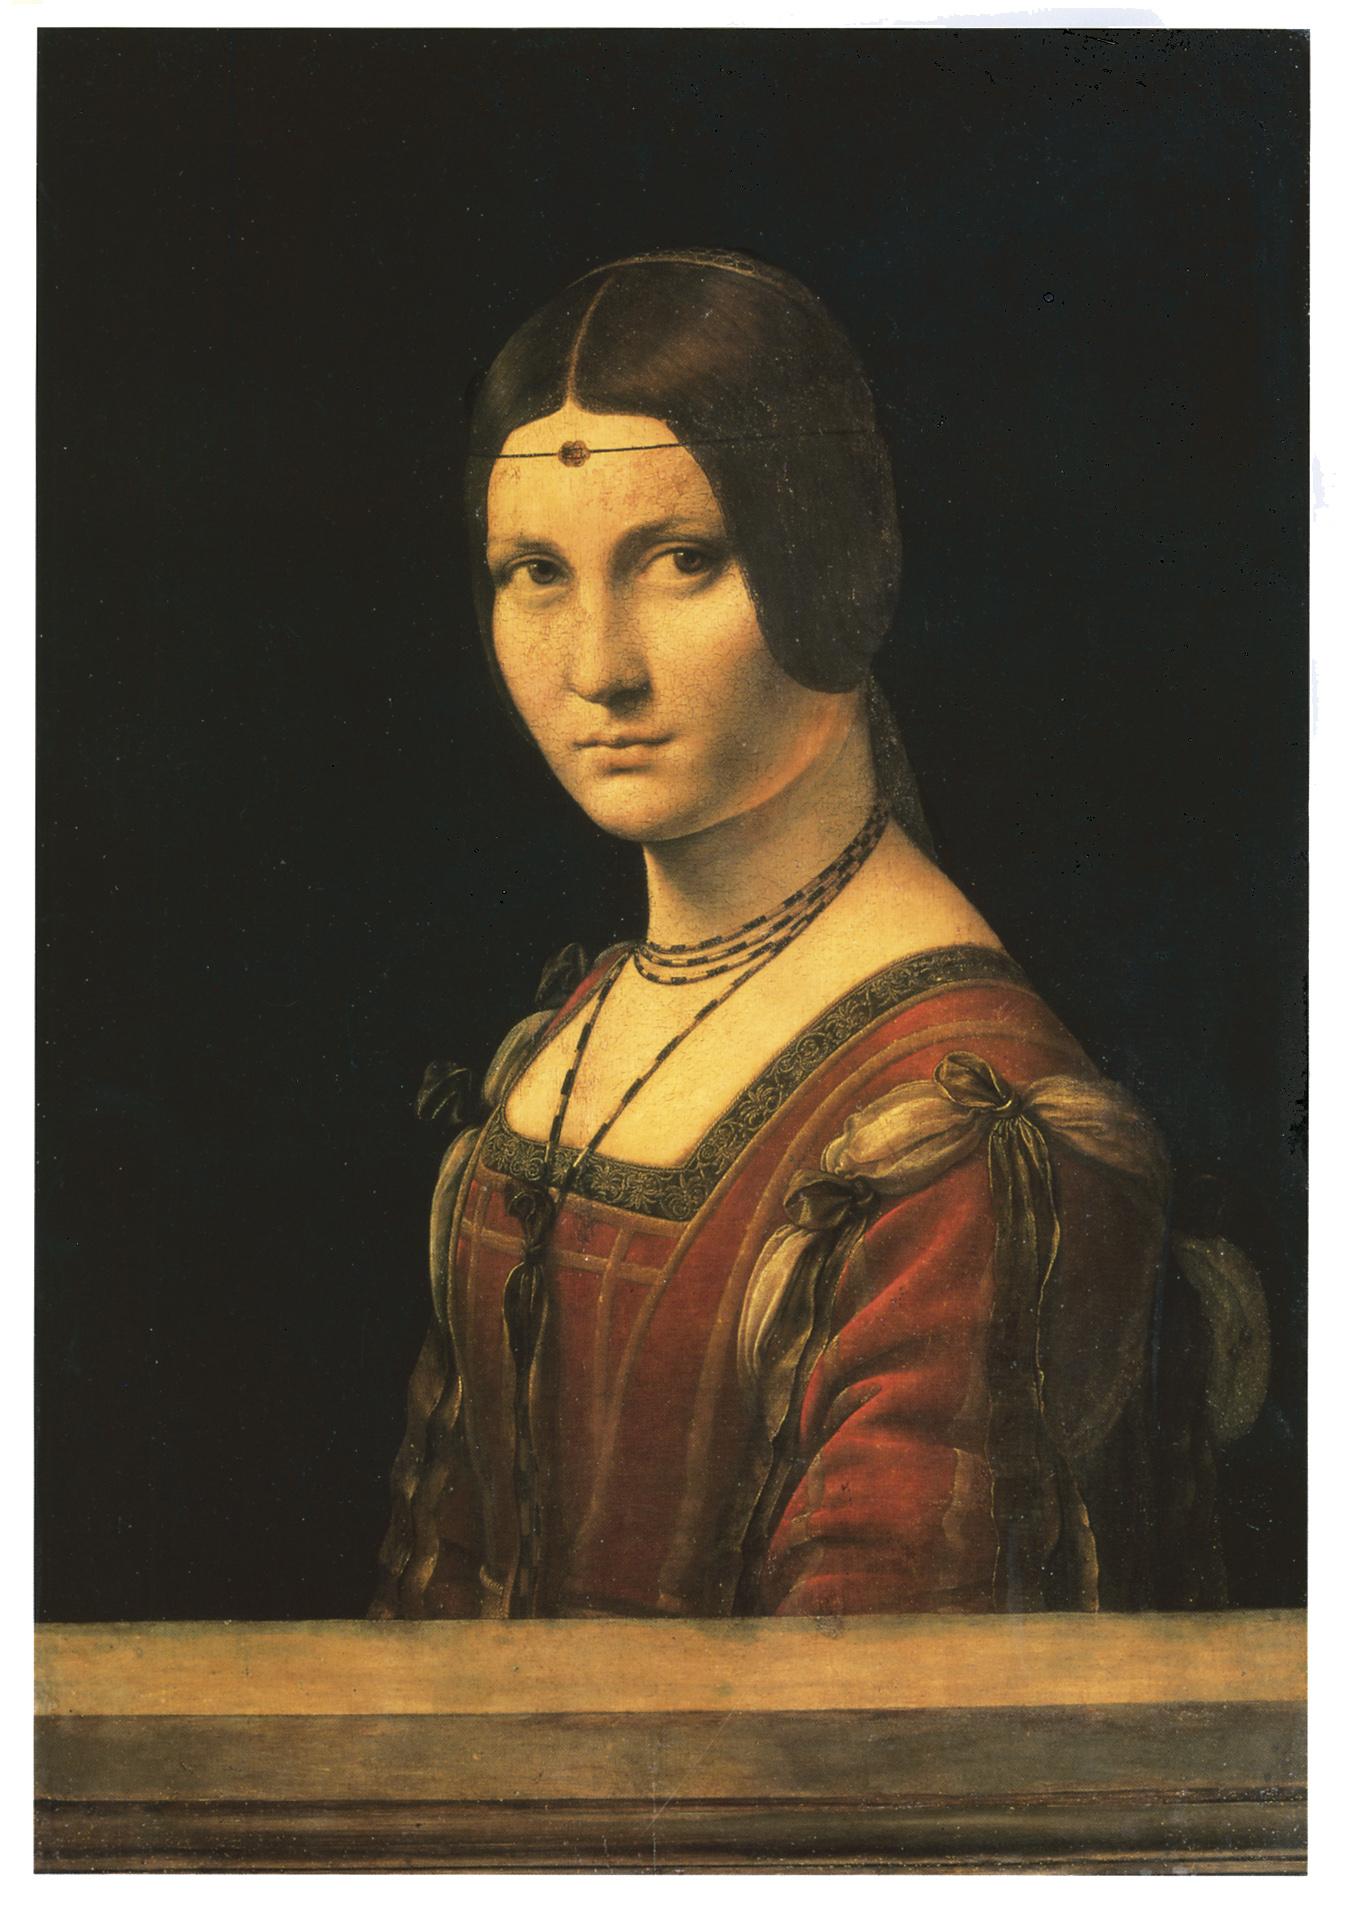 美丽的费隆妮叶夫人